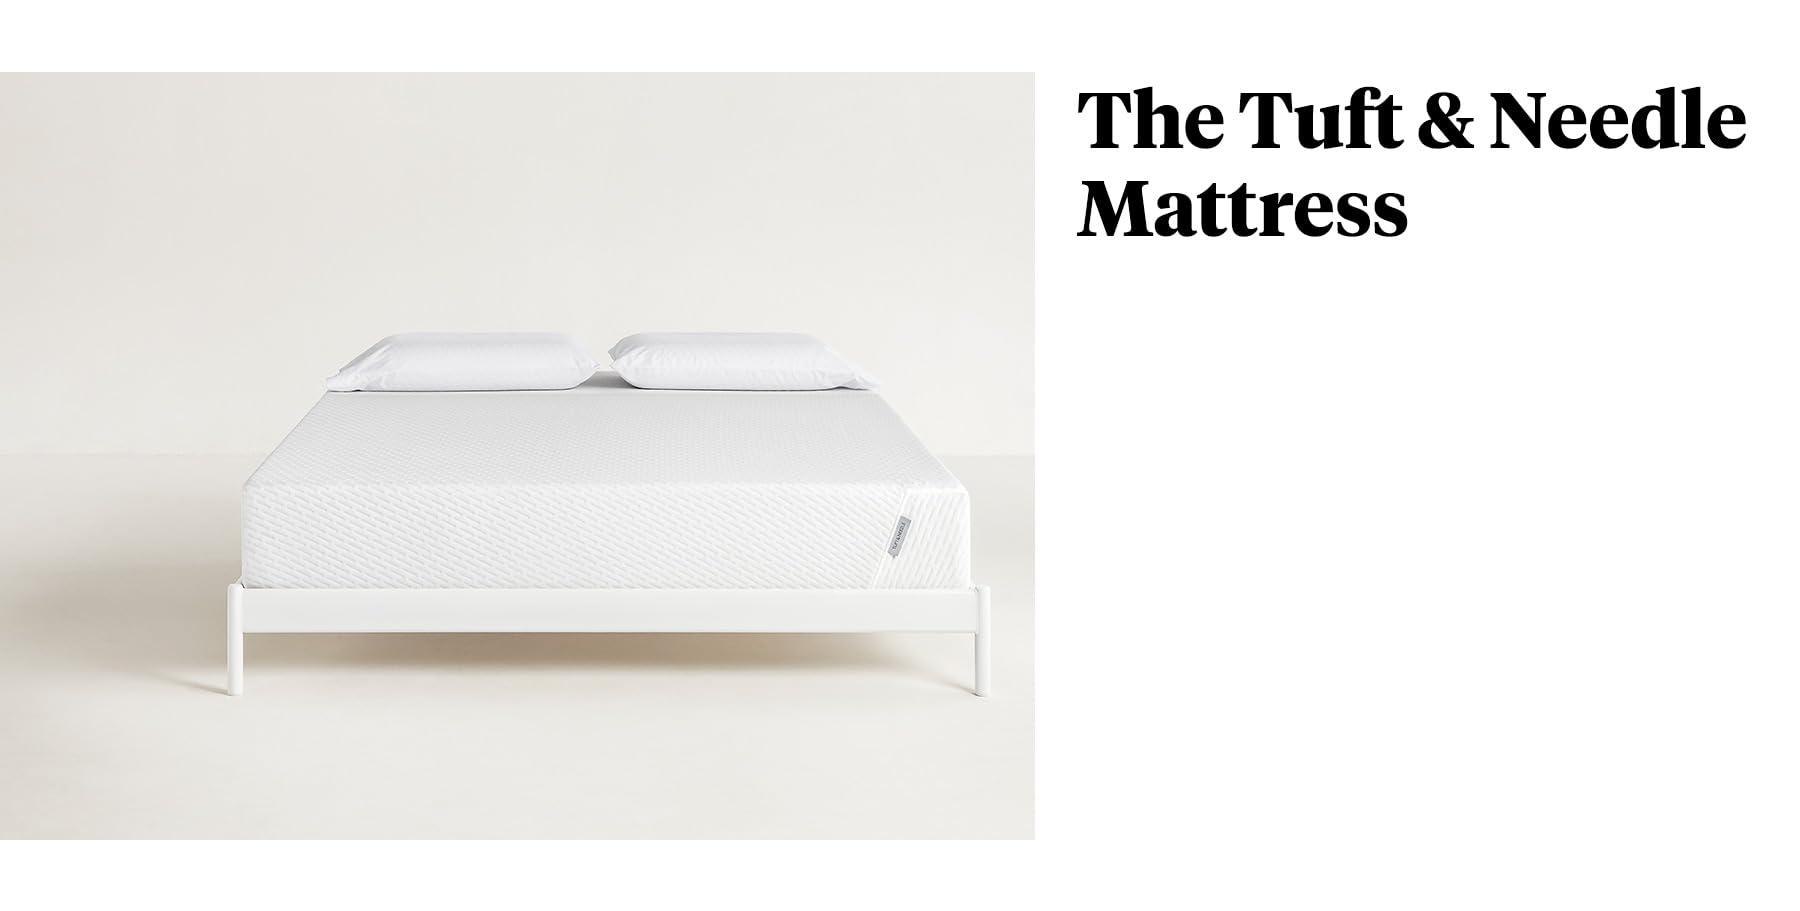 Tuft & Needle mattress 1